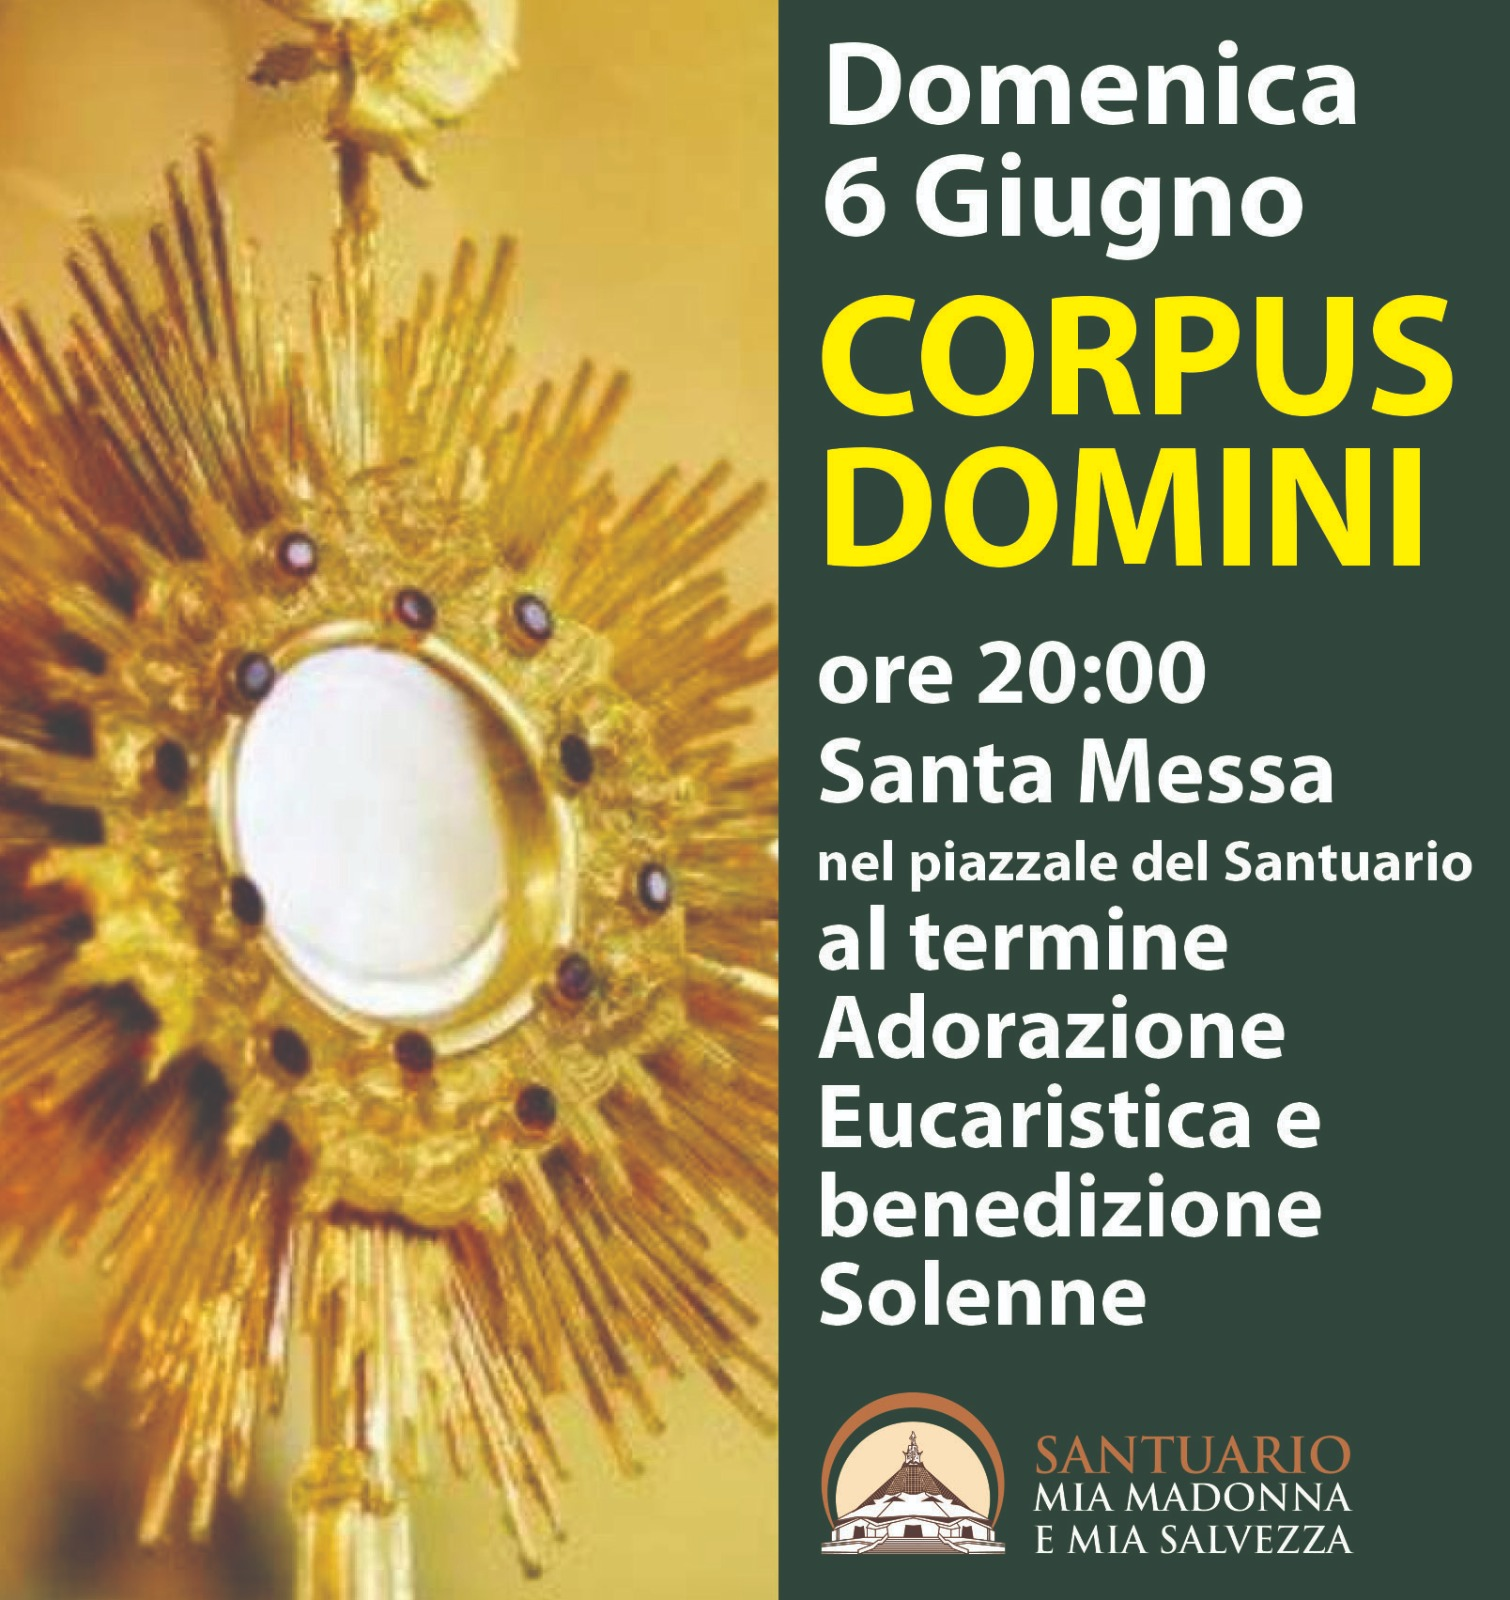 6 Giugno festa del Corpus Domini